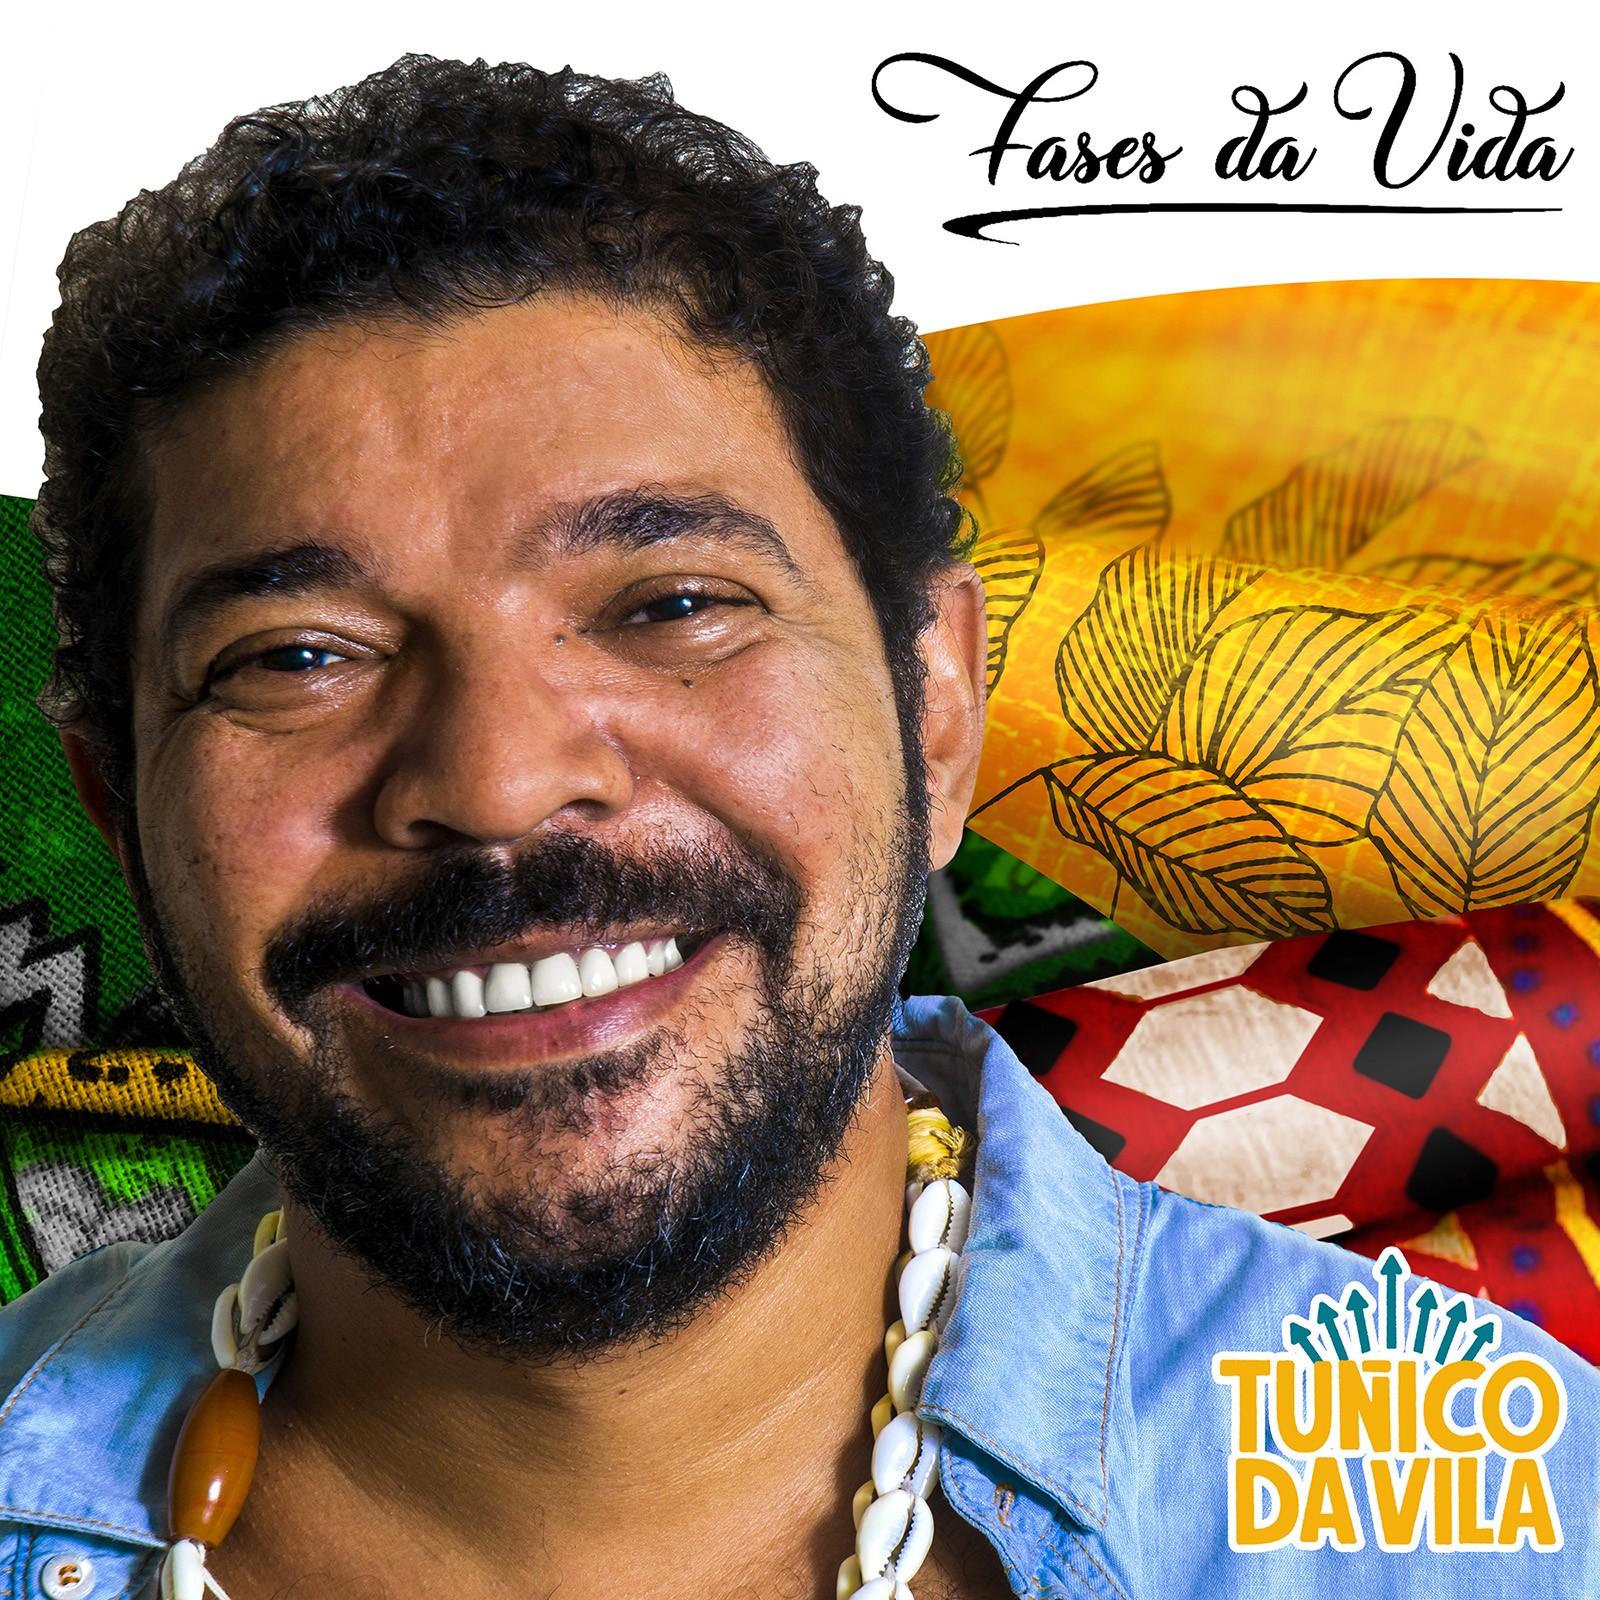 Filho de Martinho da Vila, Tunico da Vila gravita em torno da dinastia no álbum 'Fases da vida'